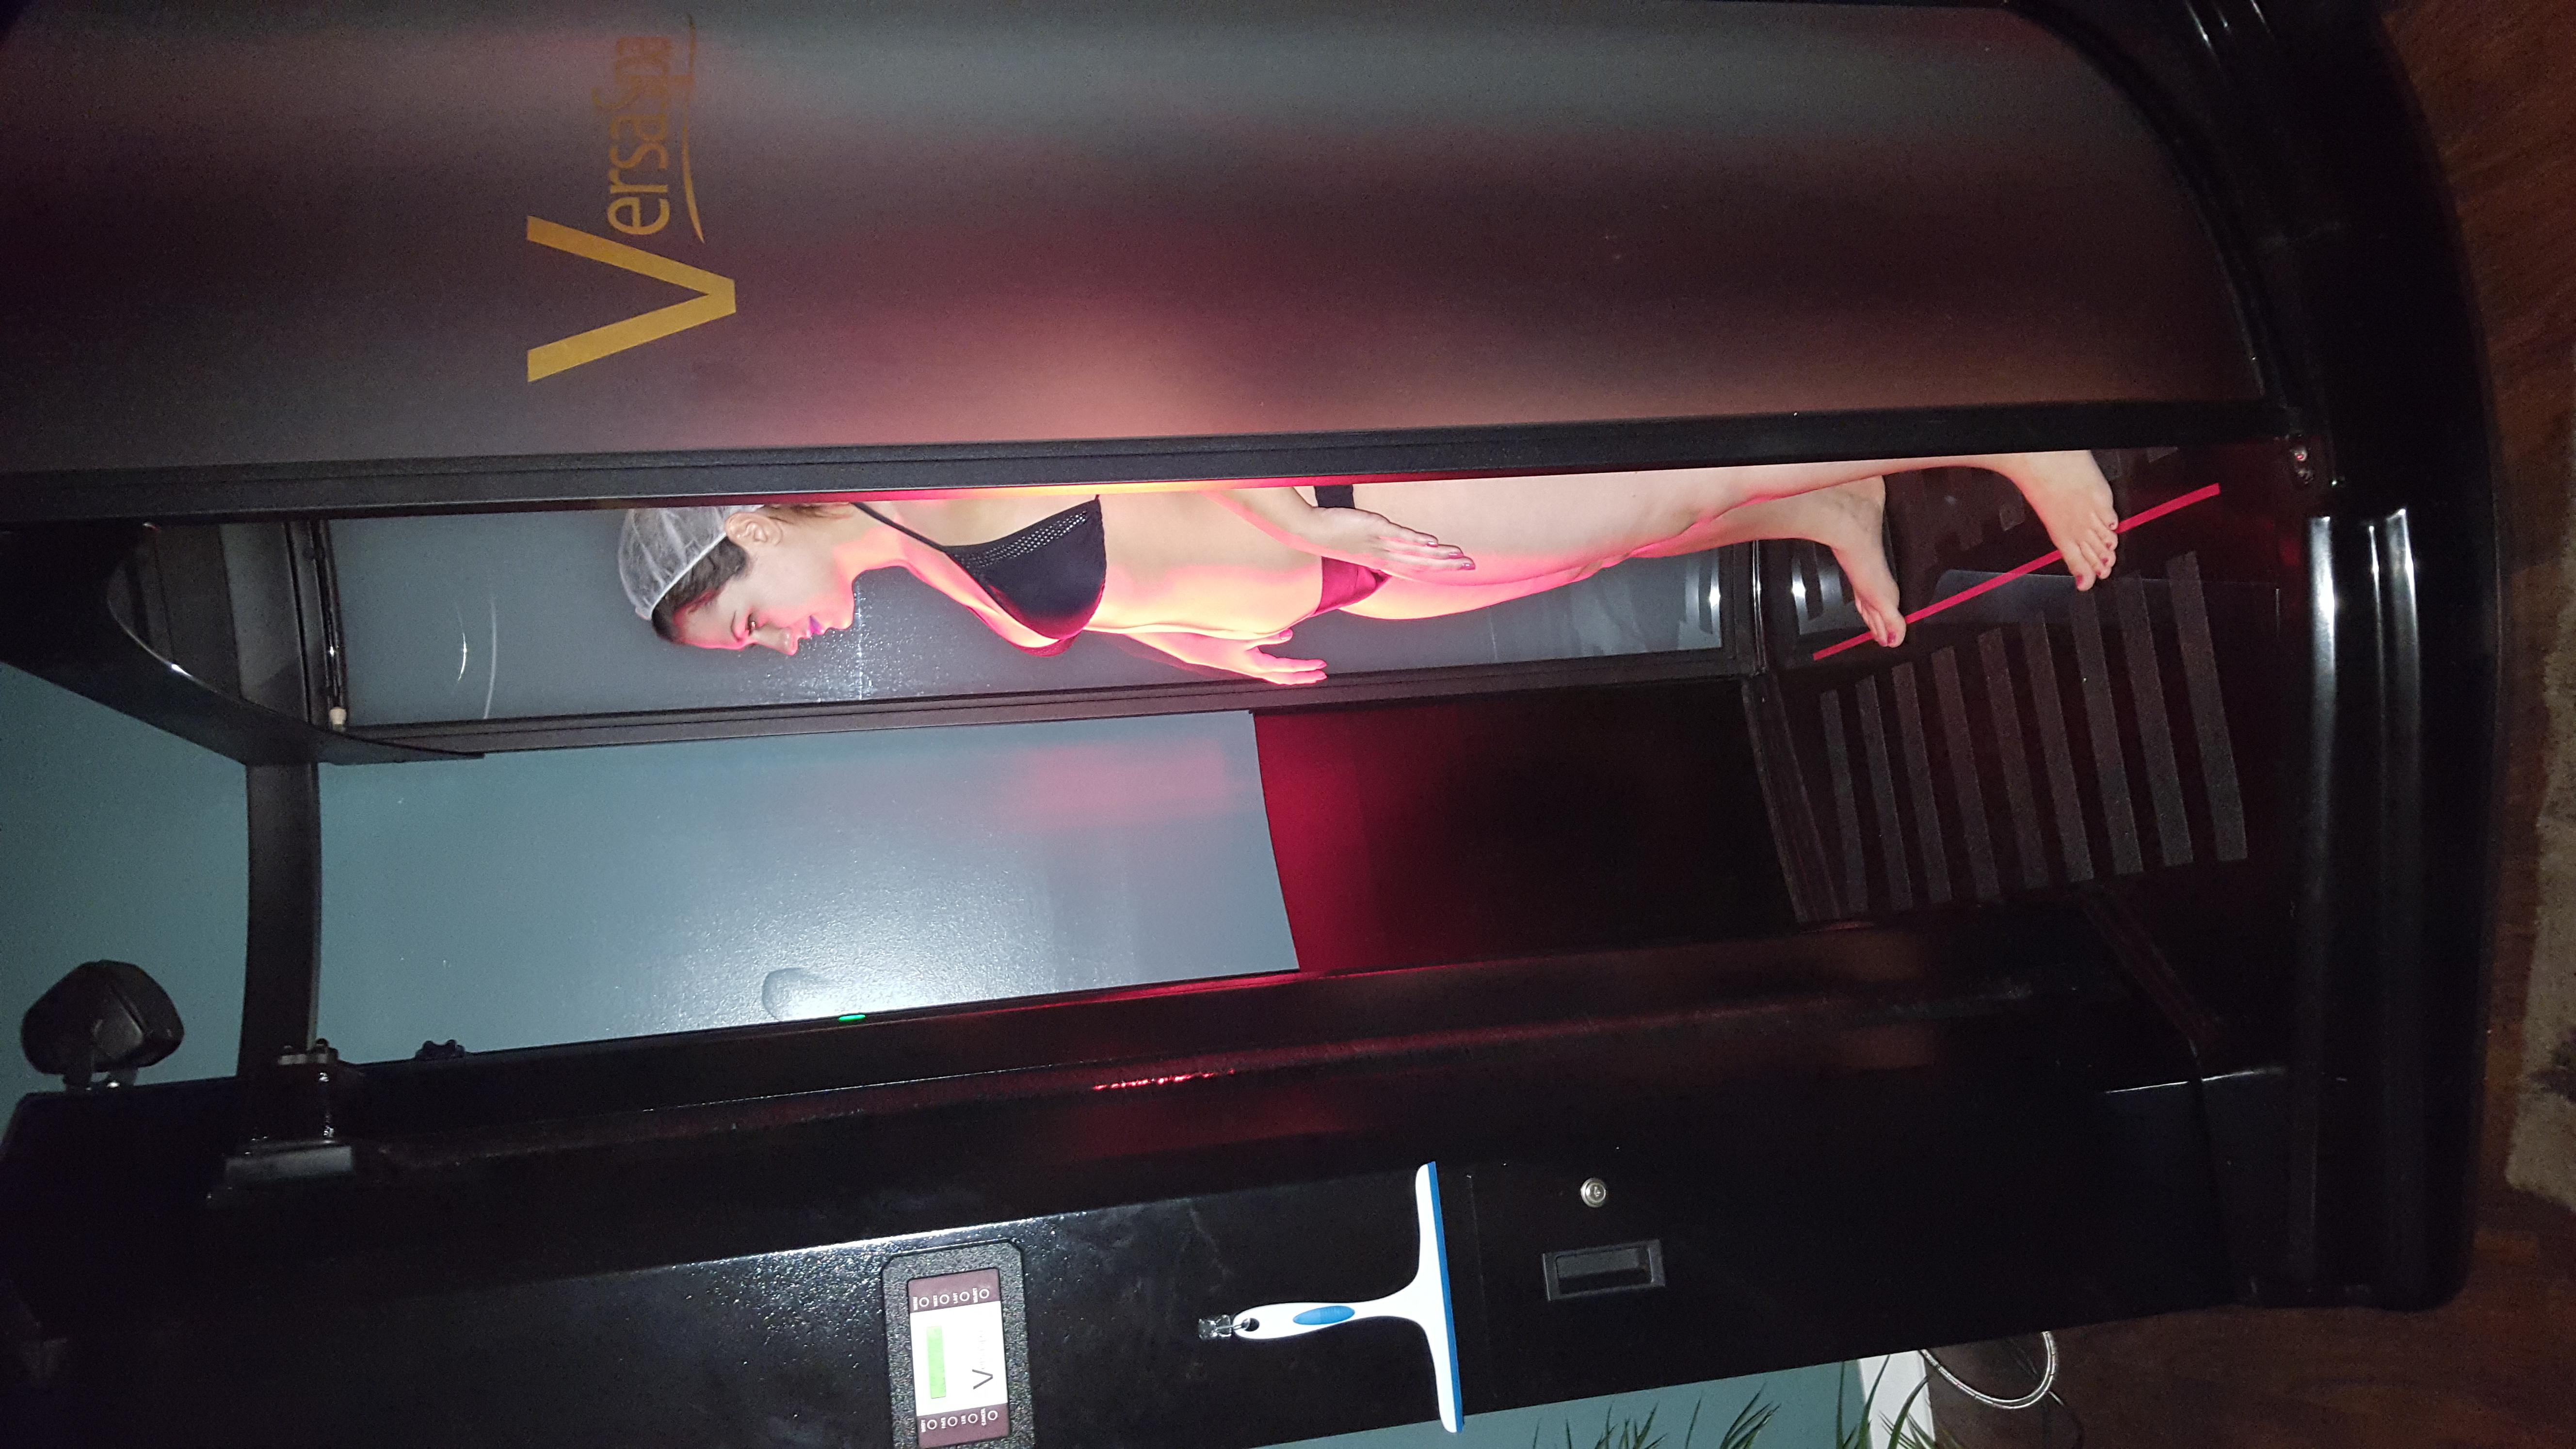 Versa Spa Spray Booth